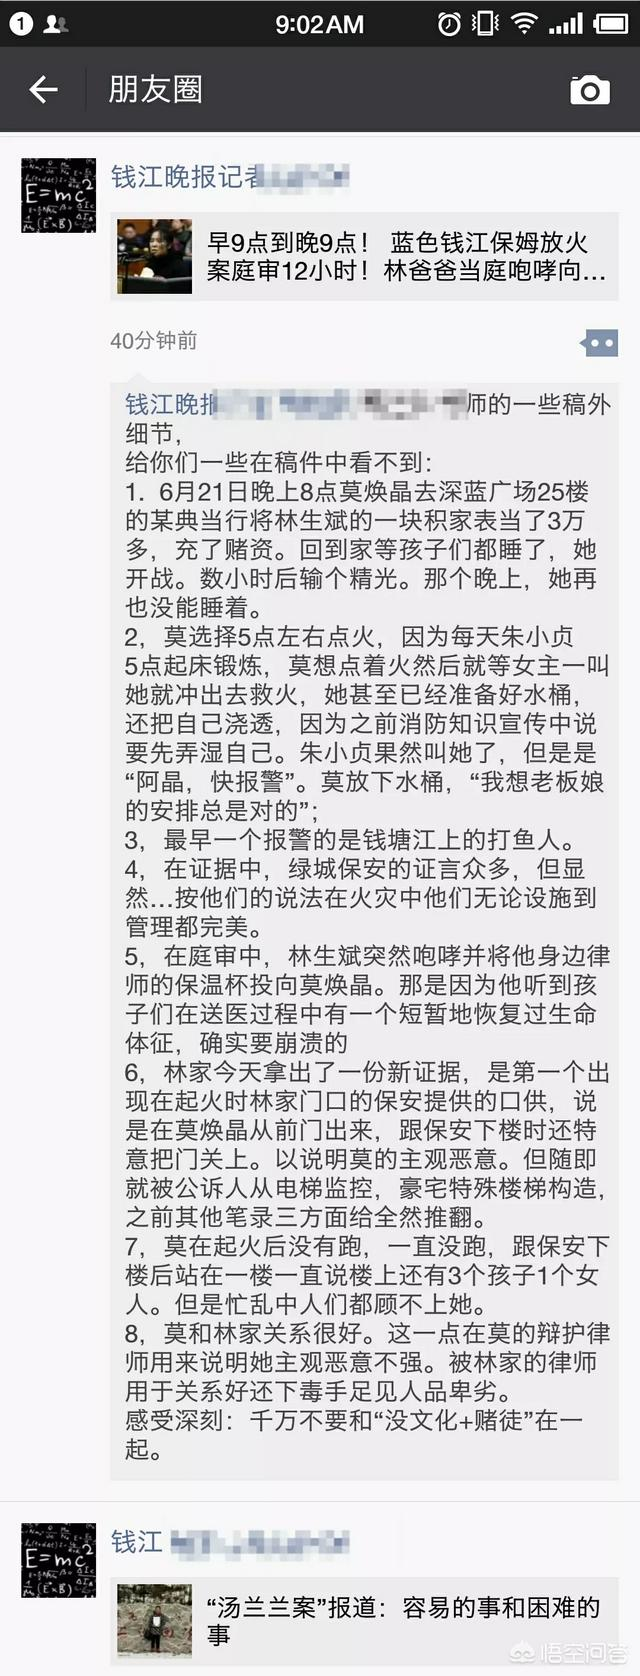 杭州纵火最新报道 为什么杭州纵火案的庭审结果